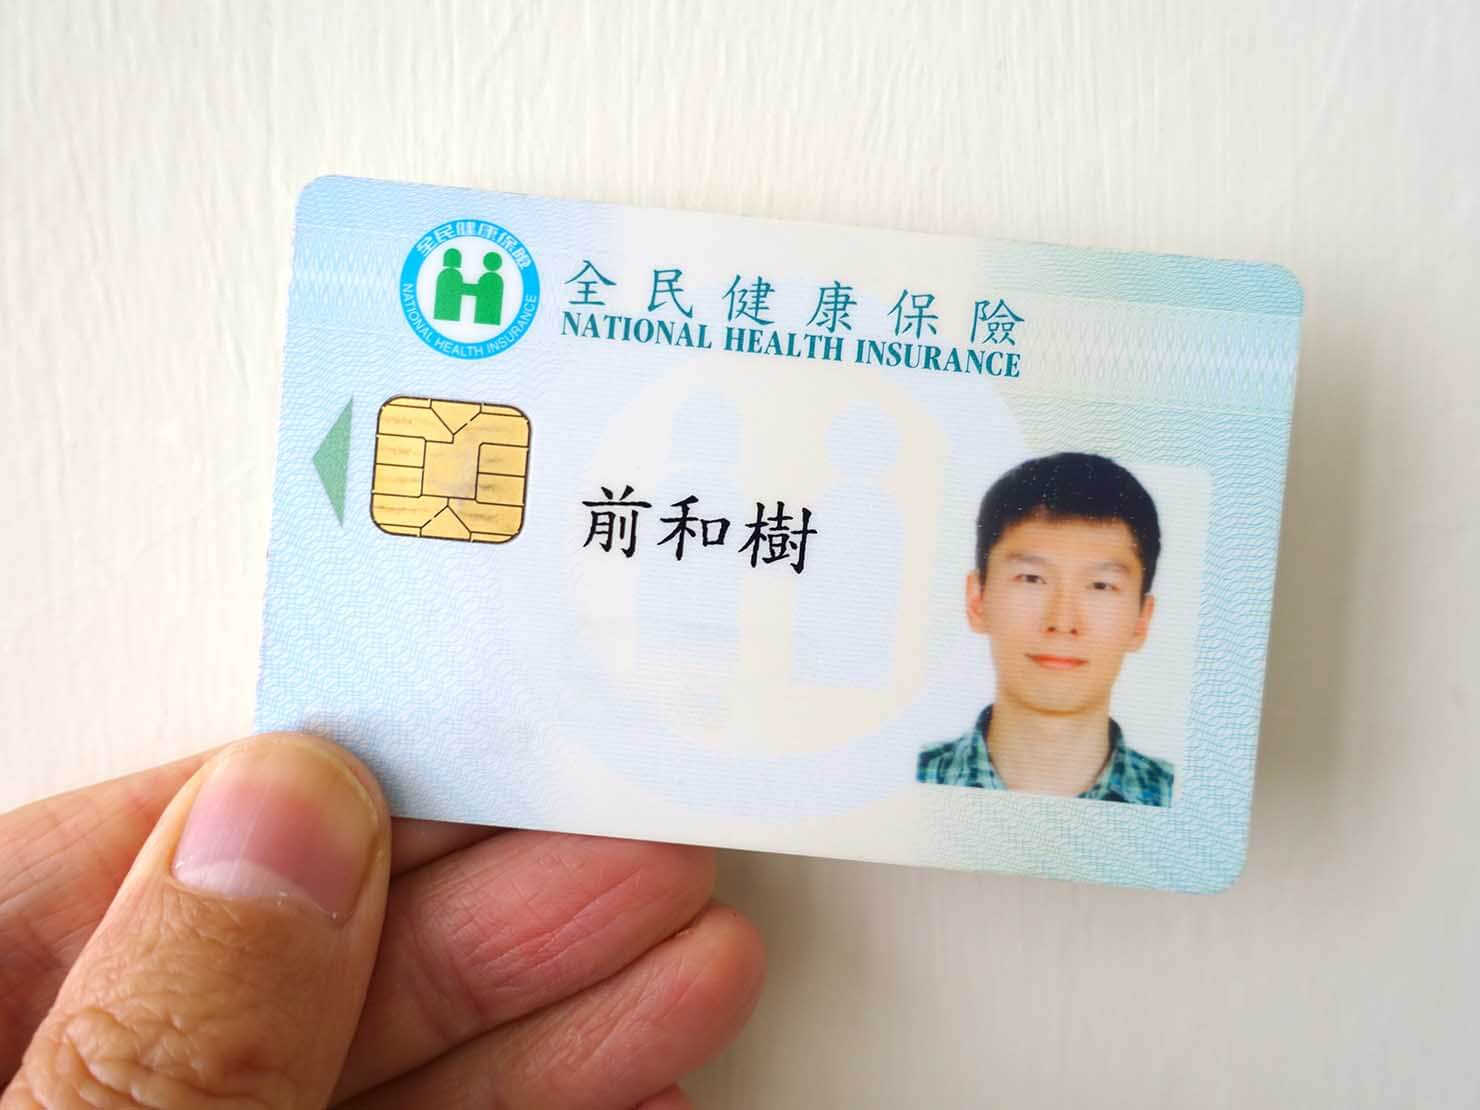 台湾の健康保険カード「健保卡」